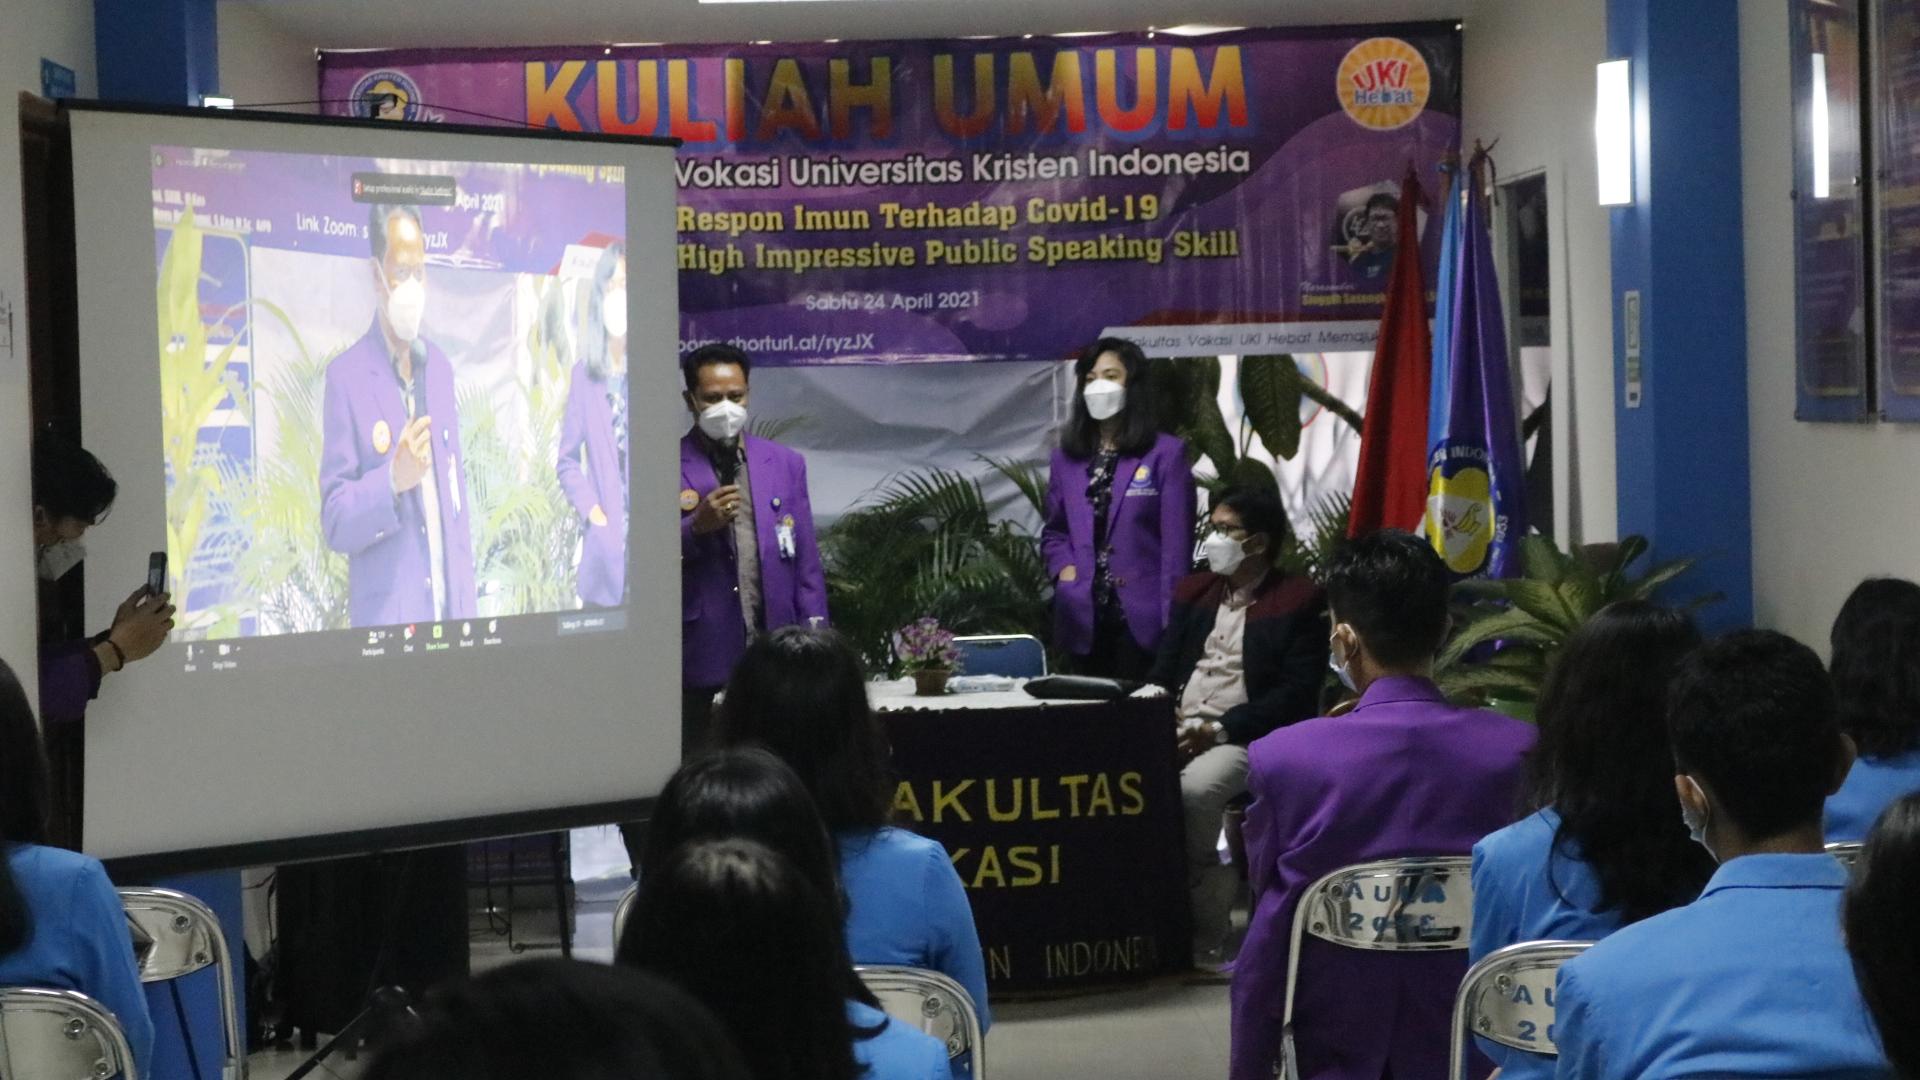 KULIAH UMUM FAKULTAS VOKASI UNIVERSITAS KRISTEN INDONESIA